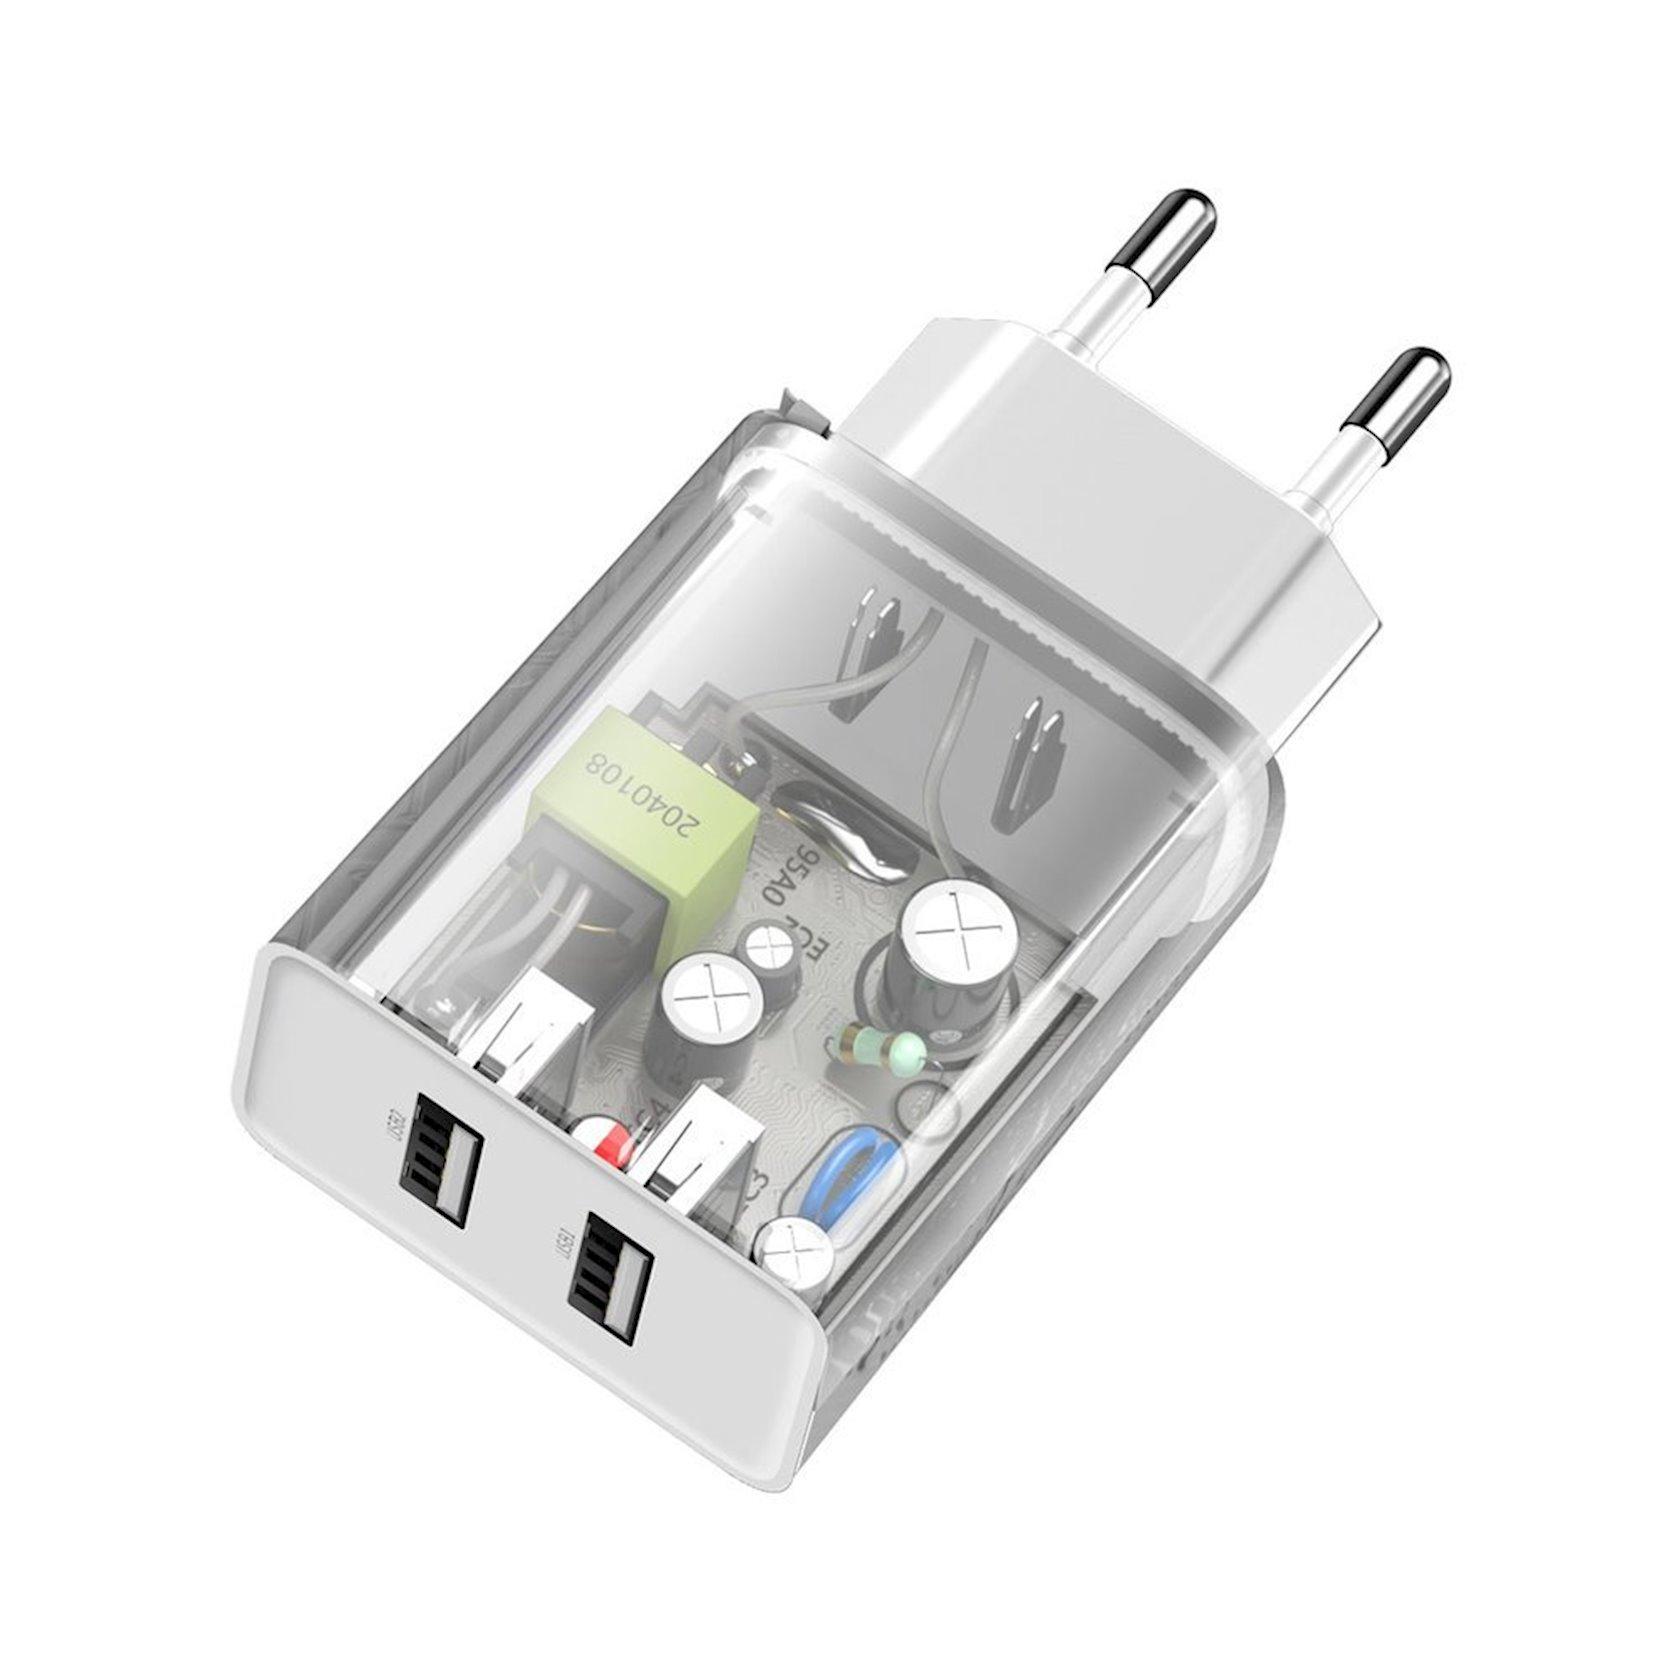 Şəbəkə enerji toplama cihazı Baseus Speed Mini Dual u Charger 10.5 (AB), ağ